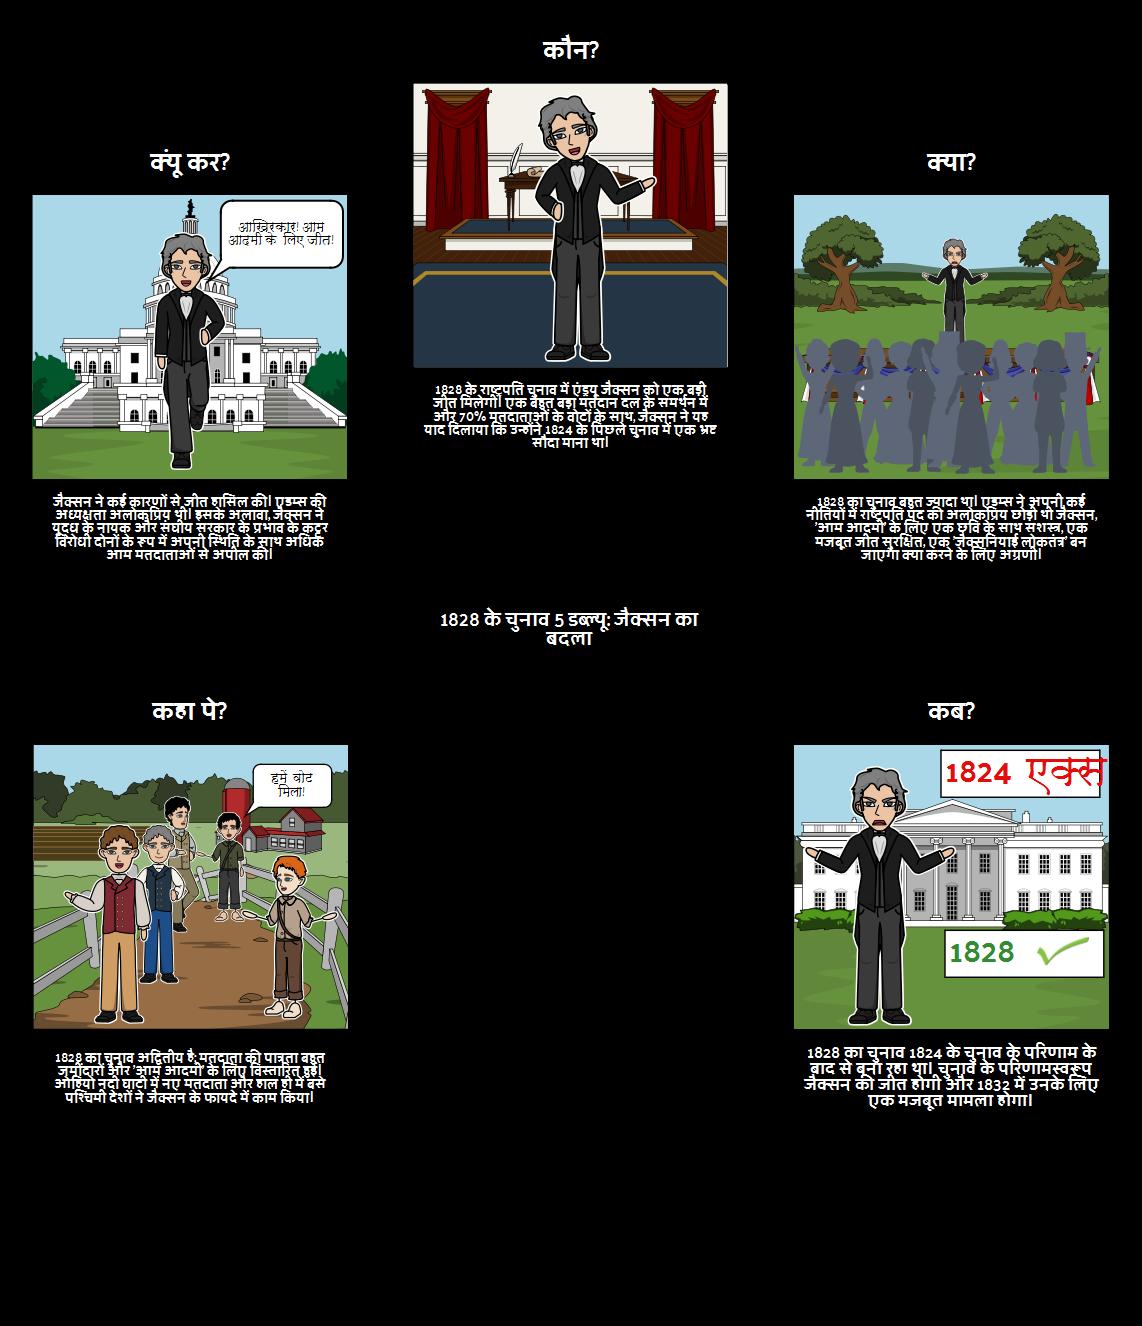 1828 के चुनाव: जैक्सन की विजय